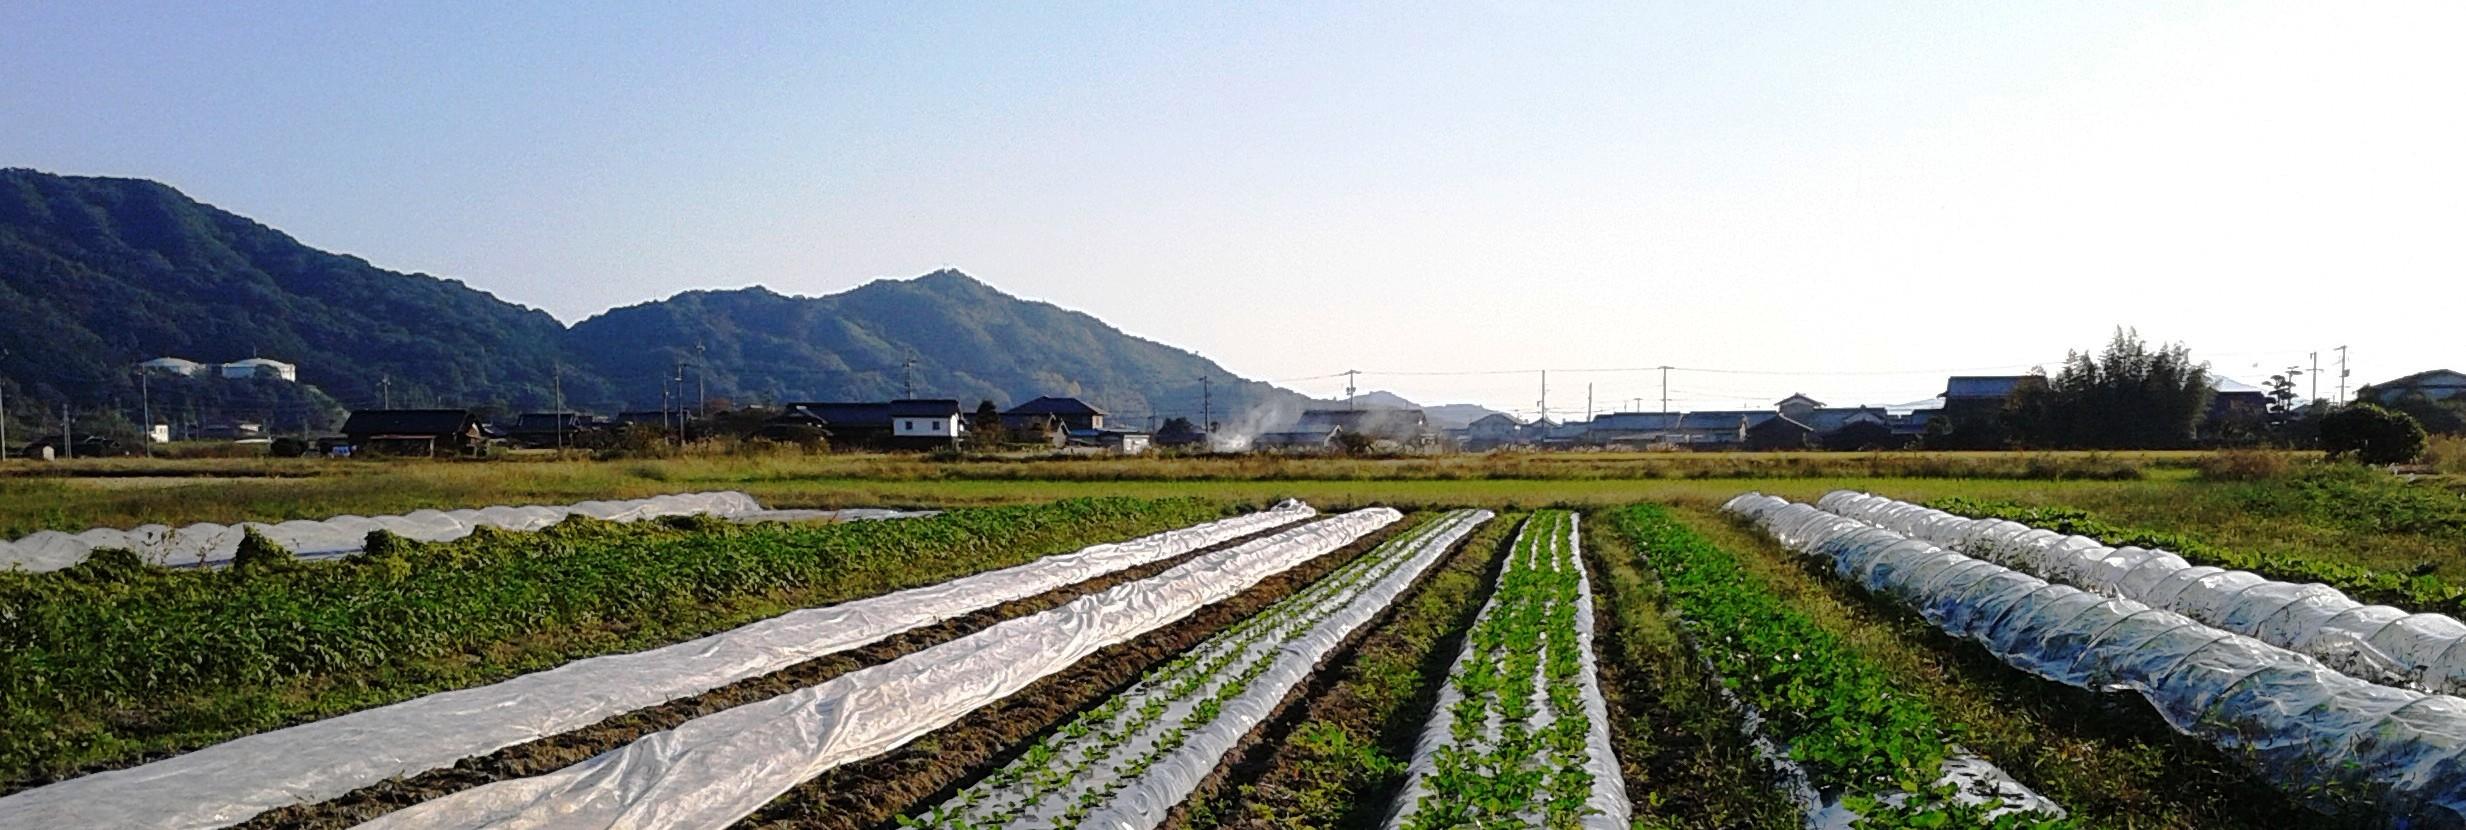 完全無肥料無農薬の自然栽培を極める